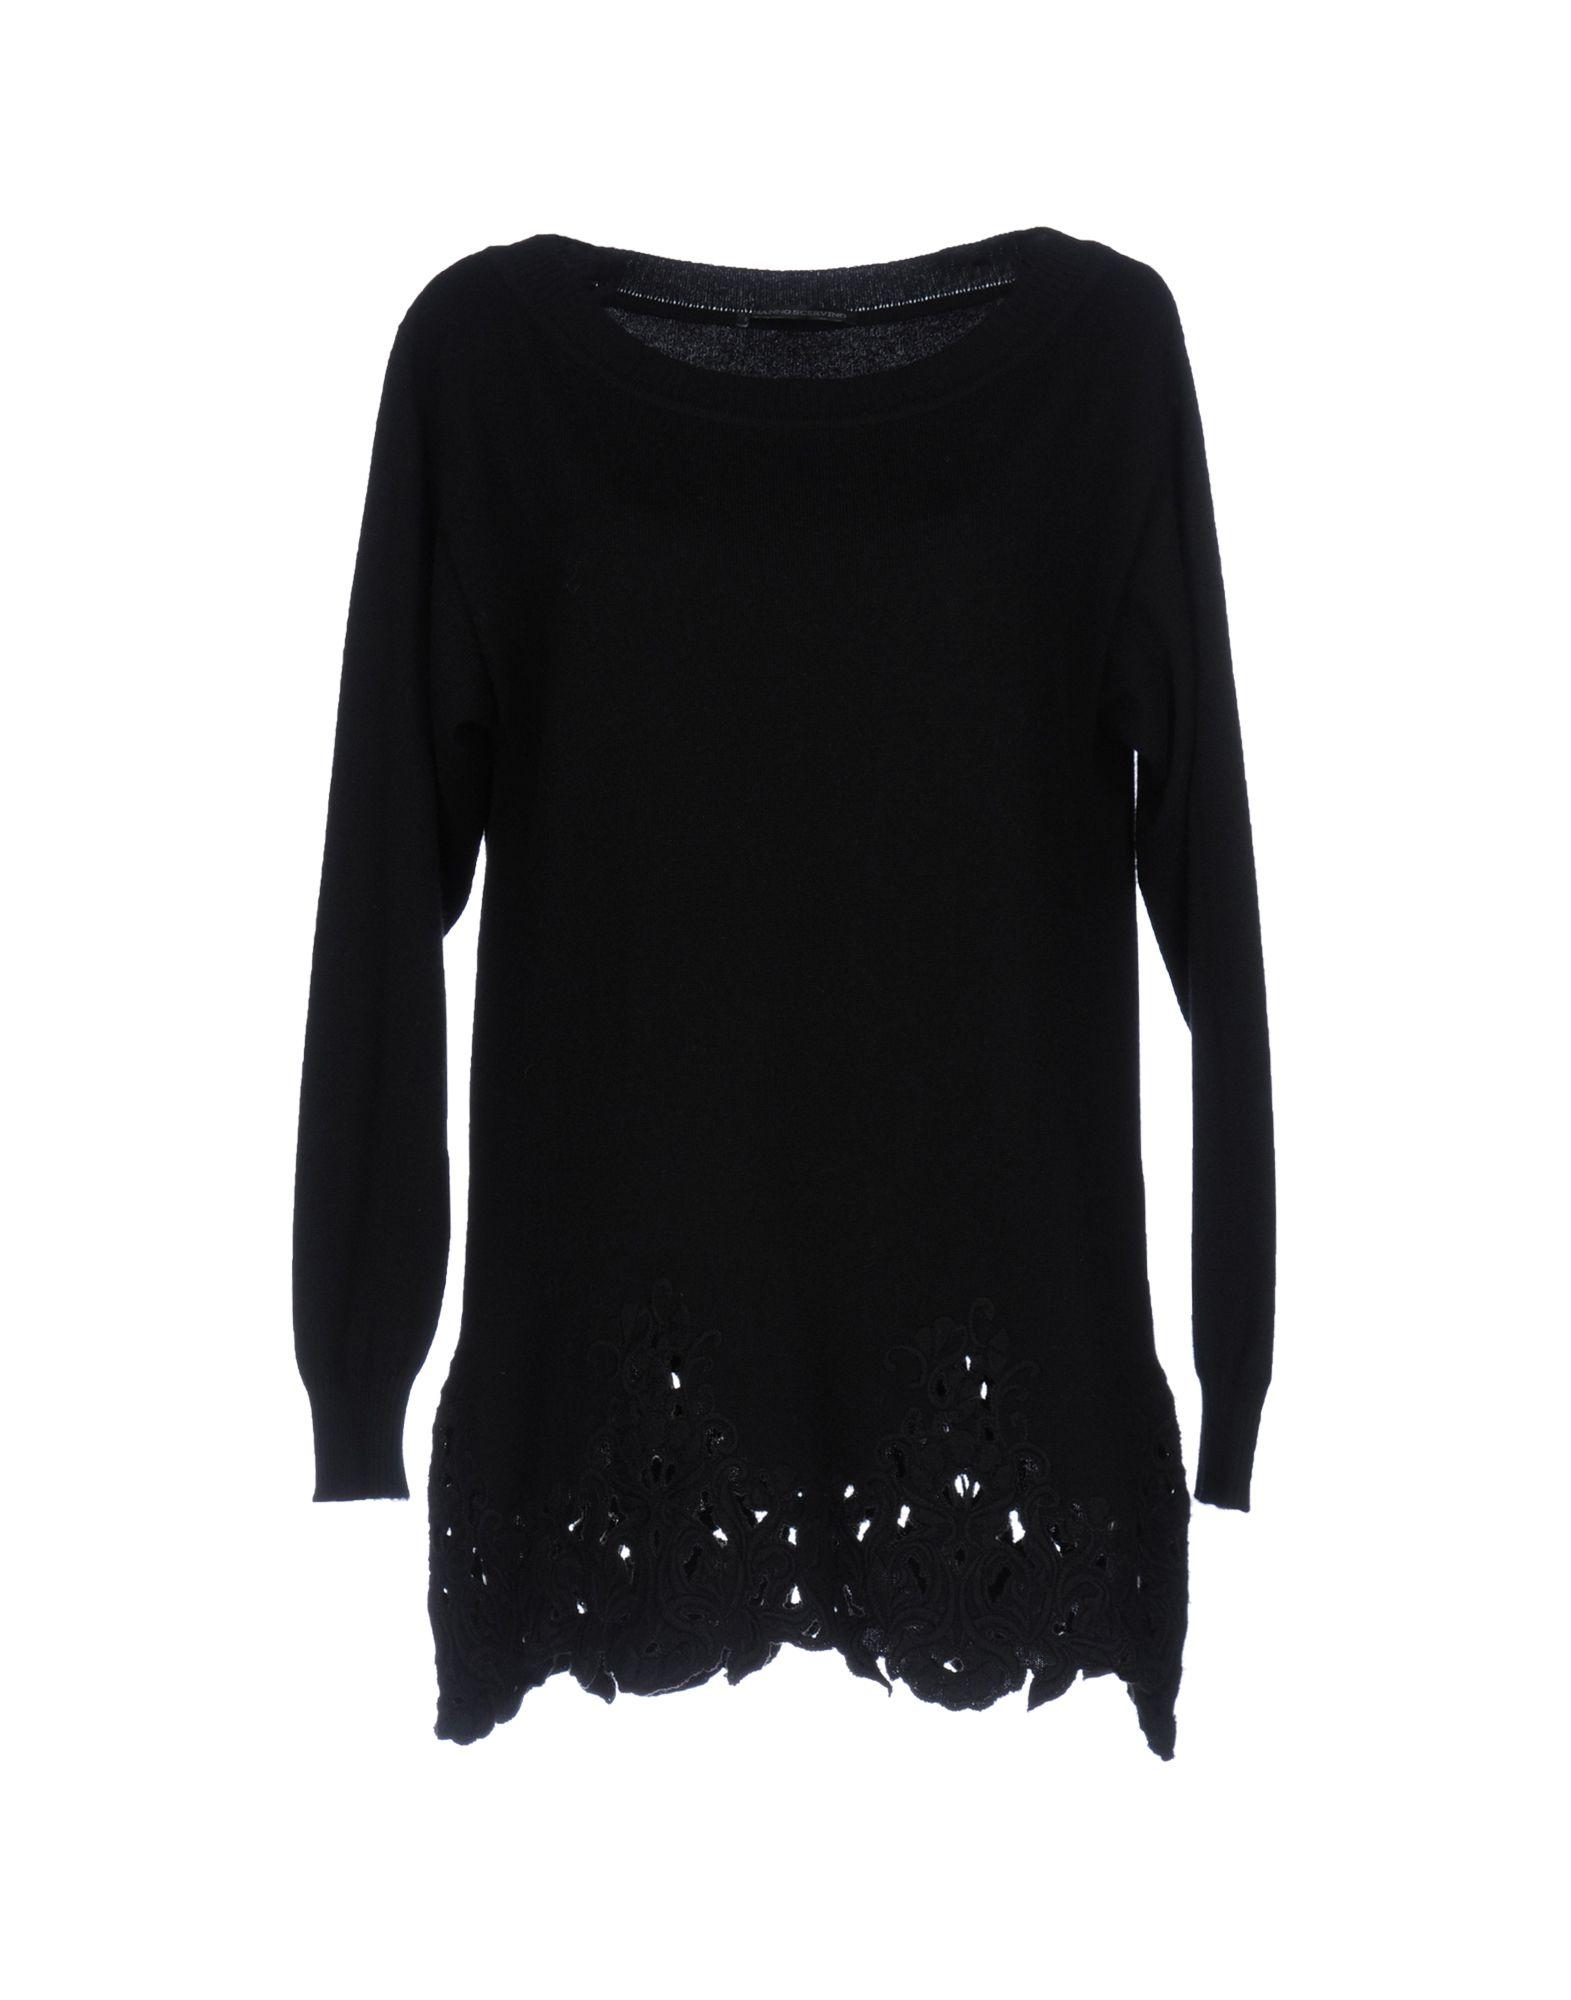 ERMANNO SCERVINO Damen Pullover Farbe Schwarz Größe 2